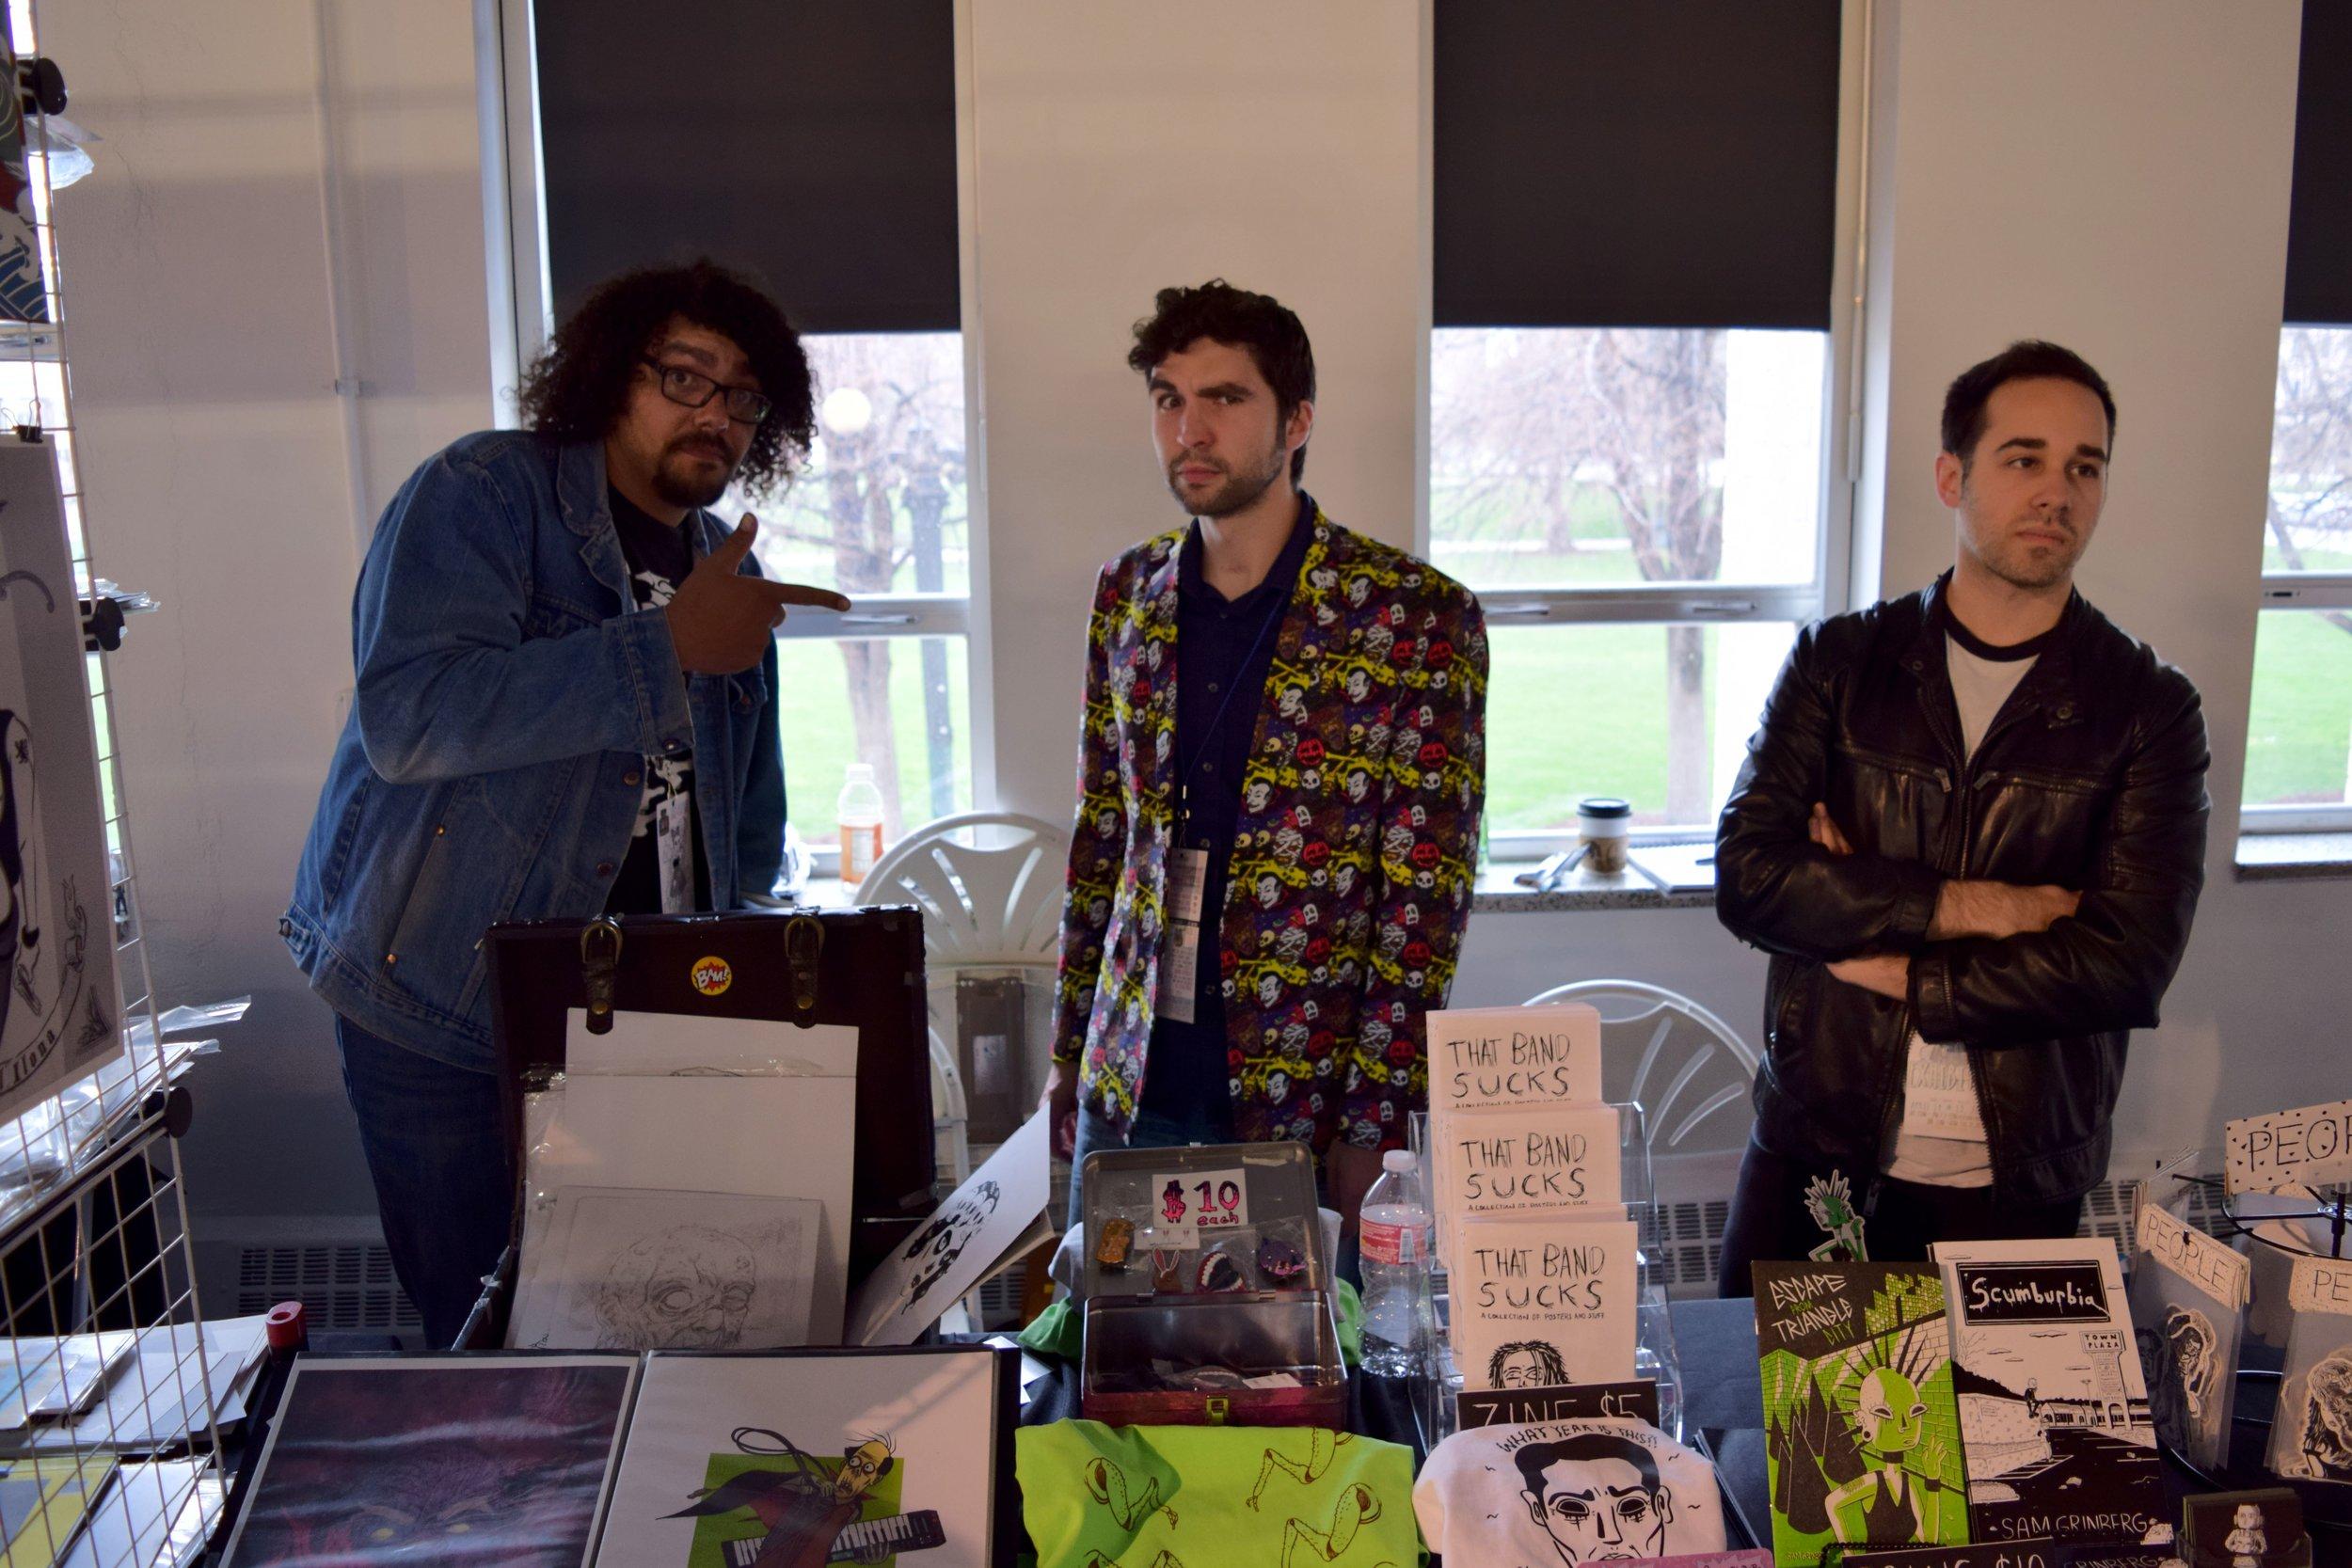 Joe Oliver, Elijah Taylor, Sam Grinberg at DINK 2018.